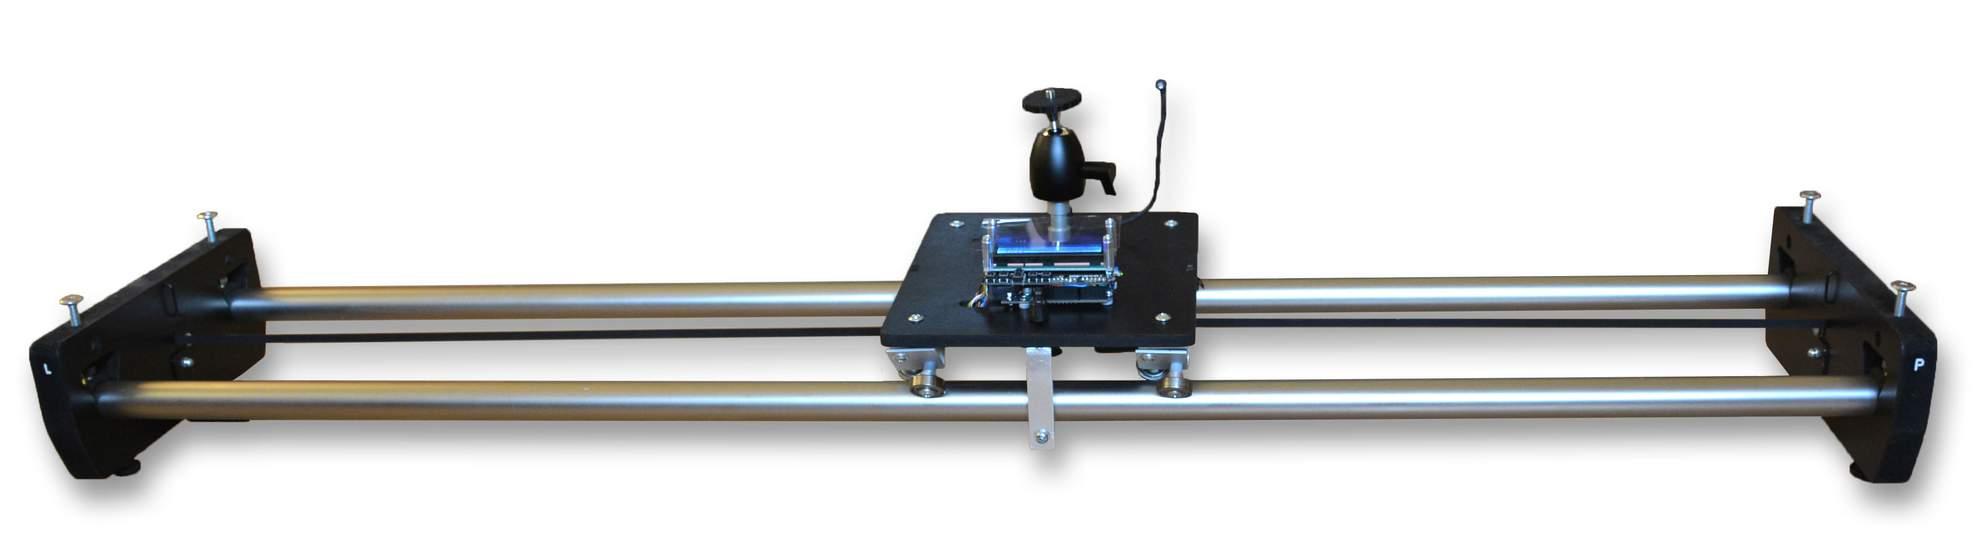 Motorized TimeLapse slider & dolly & rail, časozberné video a fotografia, DIY project based on Arduino